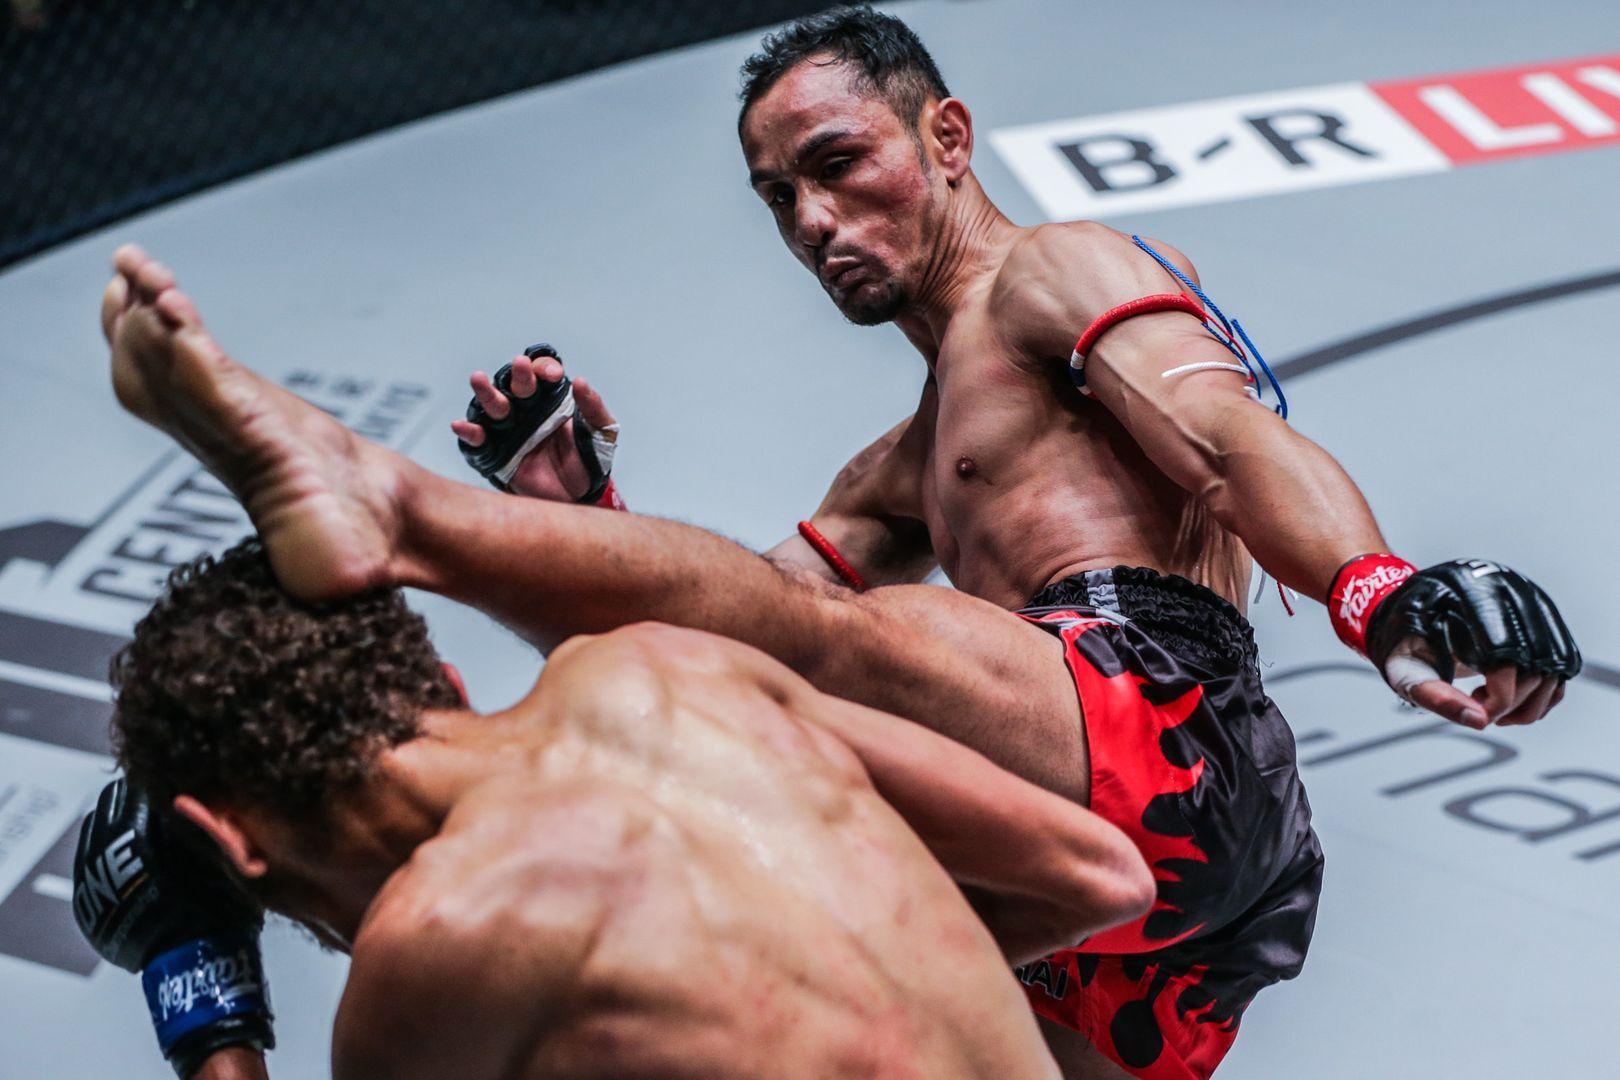 Sam-A GaiyanghadaoSam-A Gaiyanghadao kicks his opponent in the head